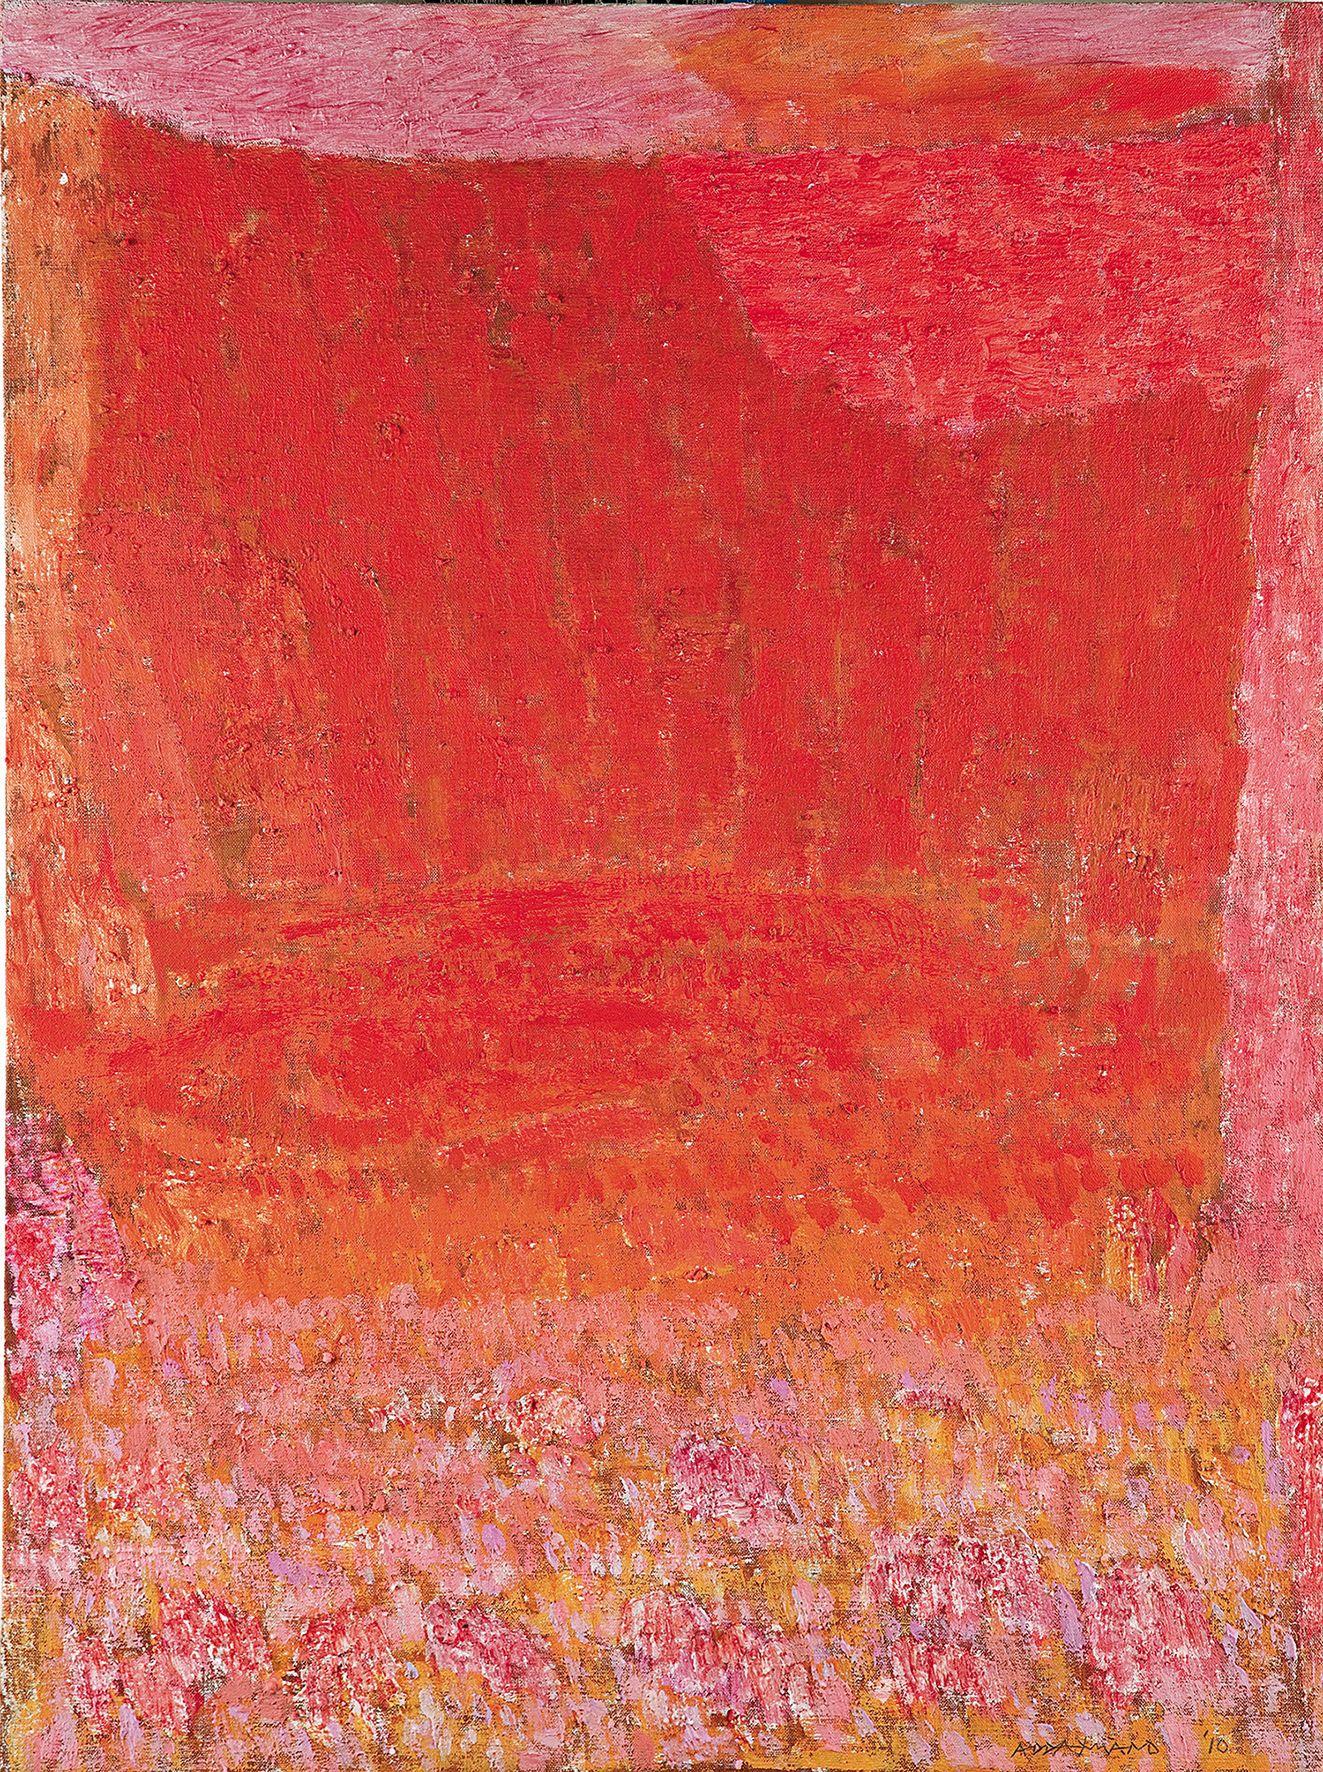 Natale Addamiano, La gravina (tramonto), 2010, olio su tela, 80x60 cm